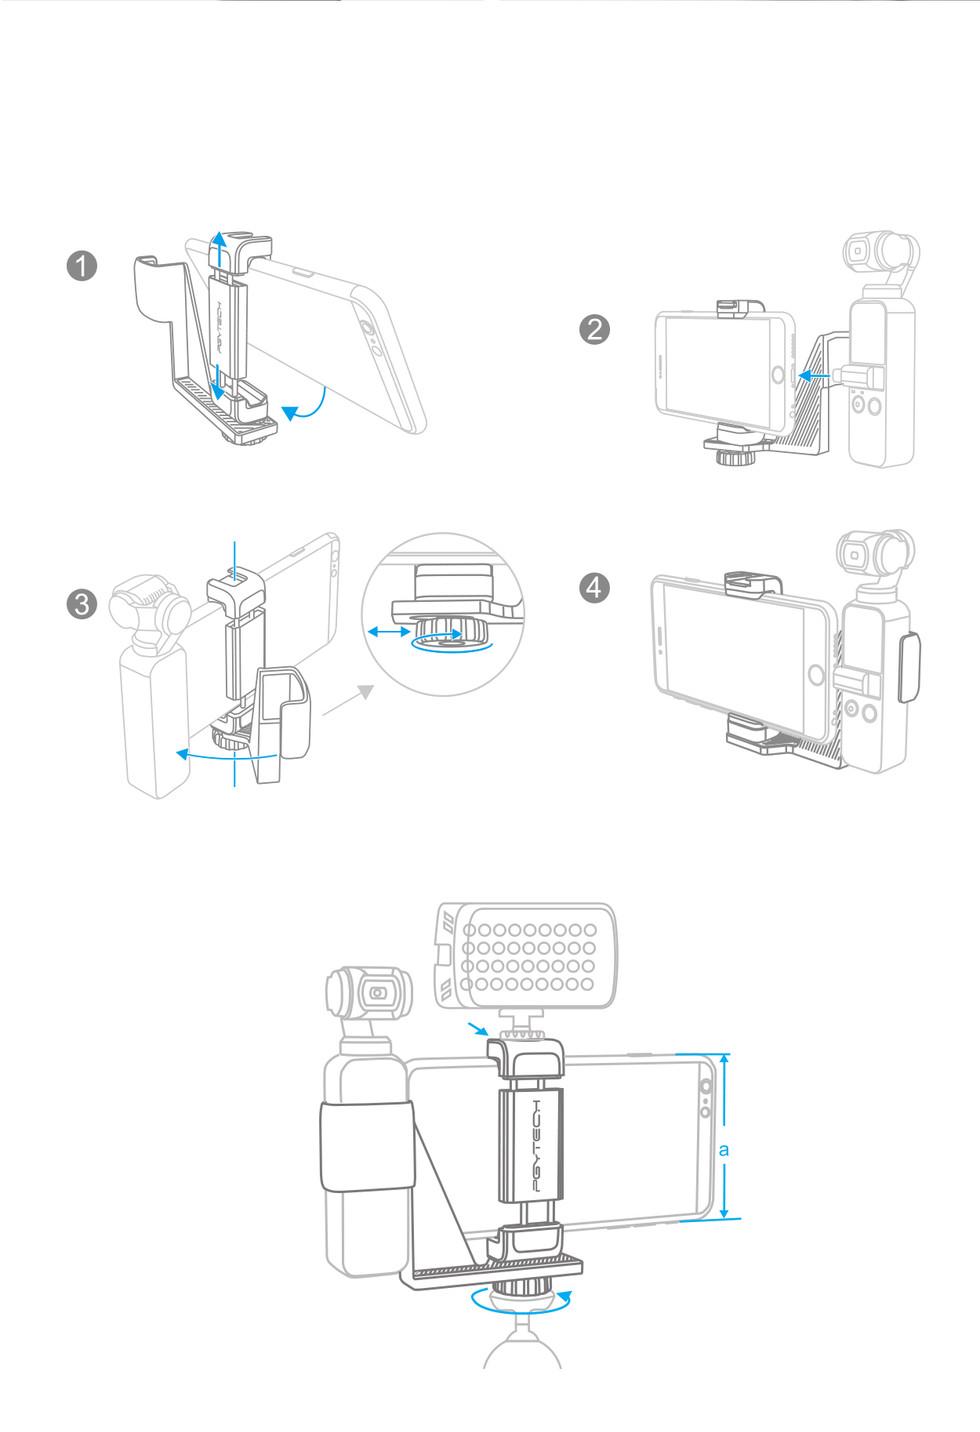 18C手机固定支架套装-详情页-英文版_09.jpg